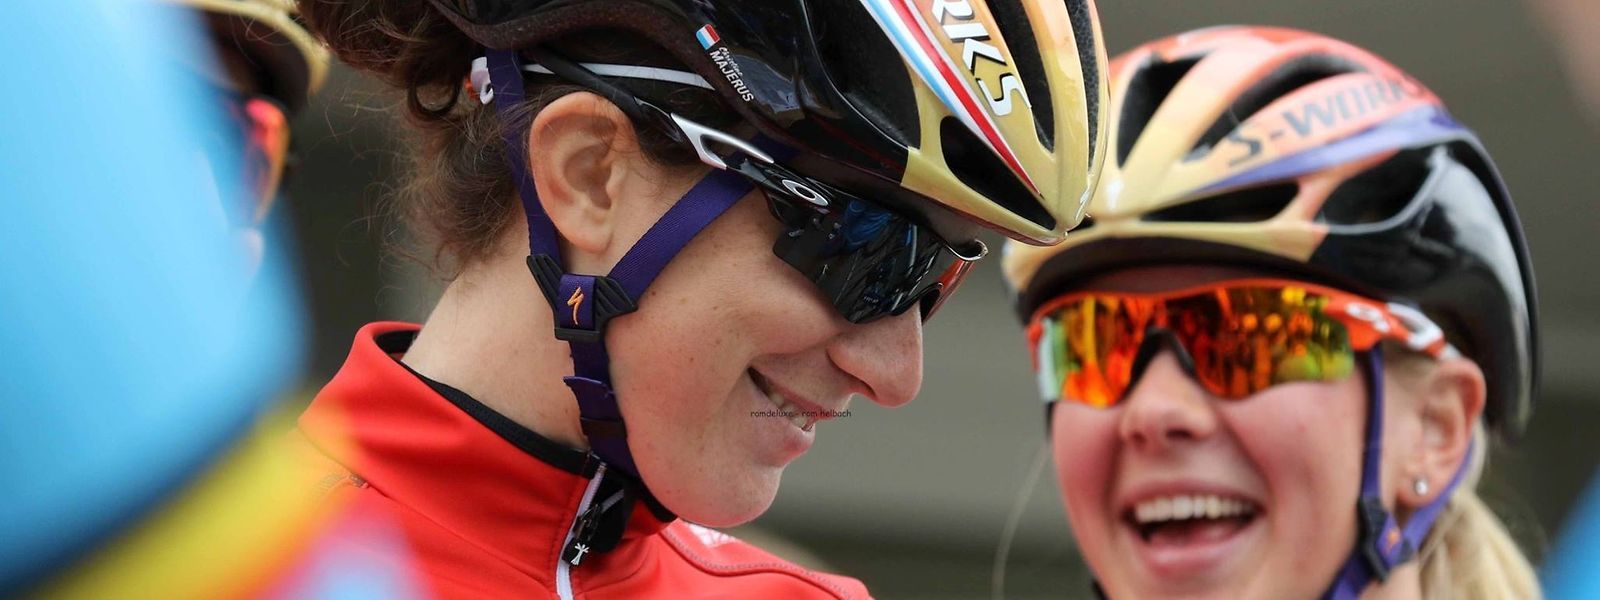 Christine Majerus est deuxième, à neuf secondes de Lisa Brennauer, avant la dernière étape de ce dimanche.